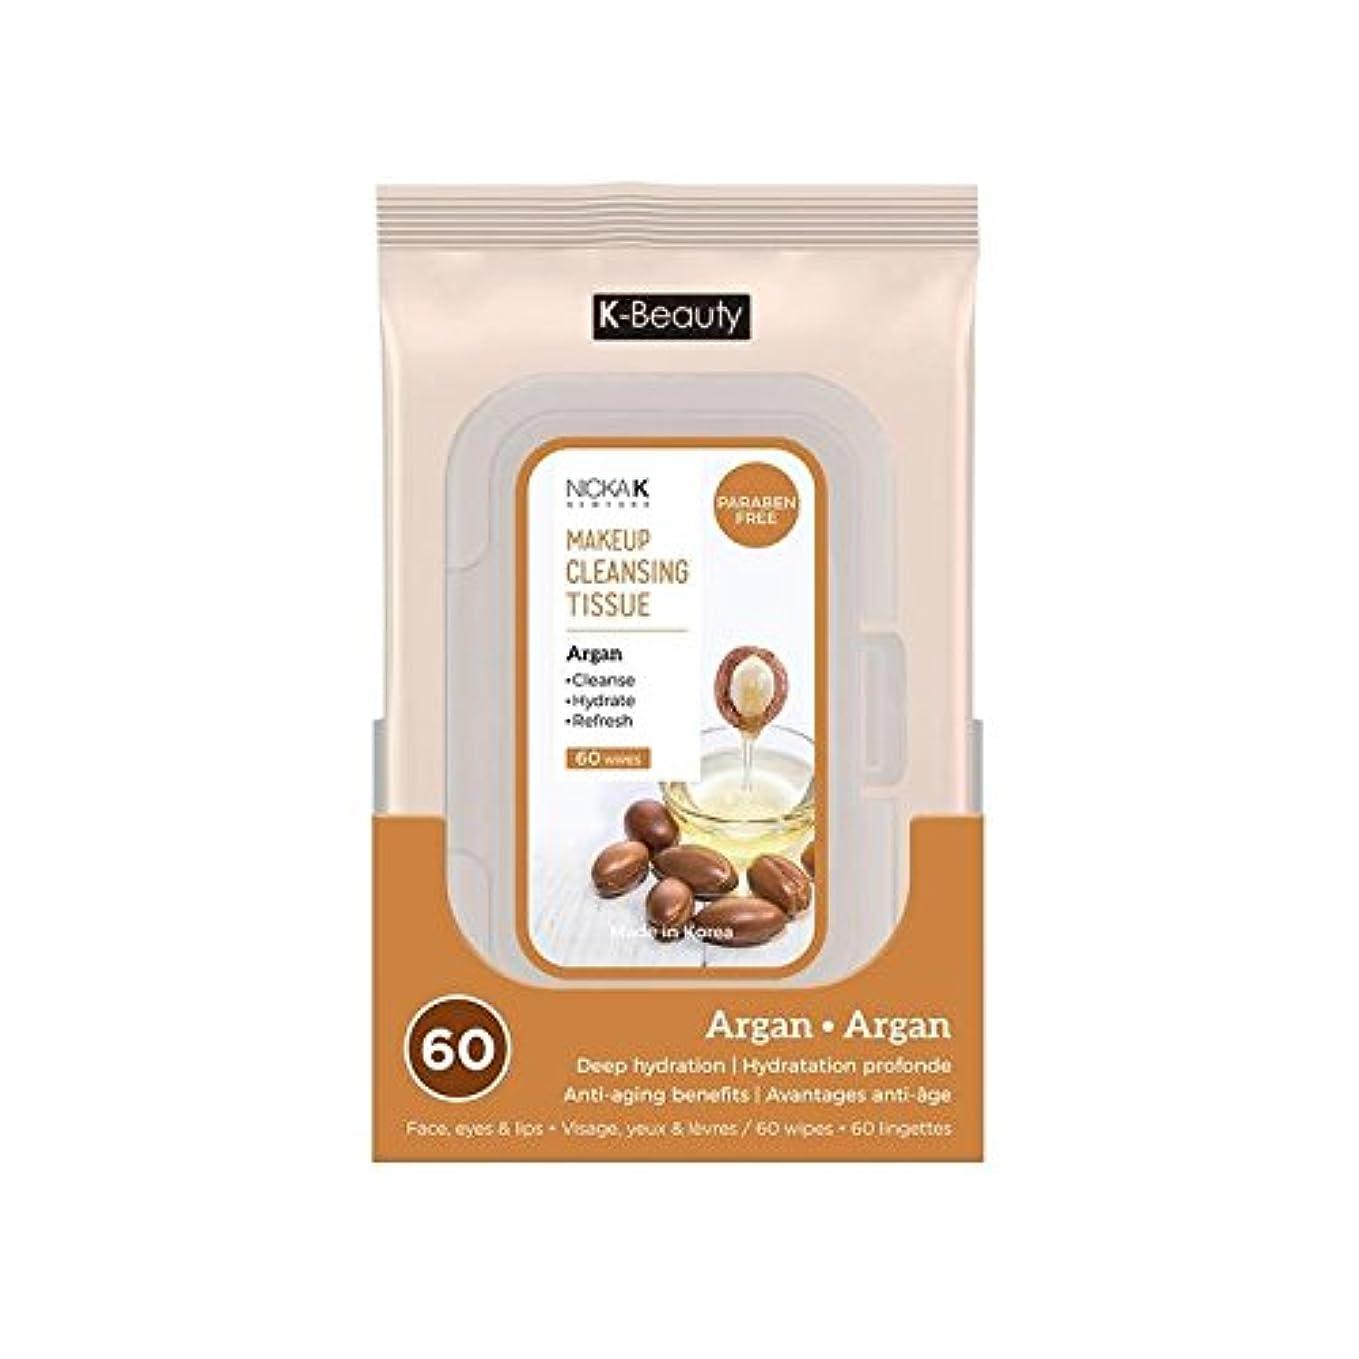 グラムボクシングすき(6 Pack) NICKA K Make Up Cleansing Tissue - Argan (並行輸入品)